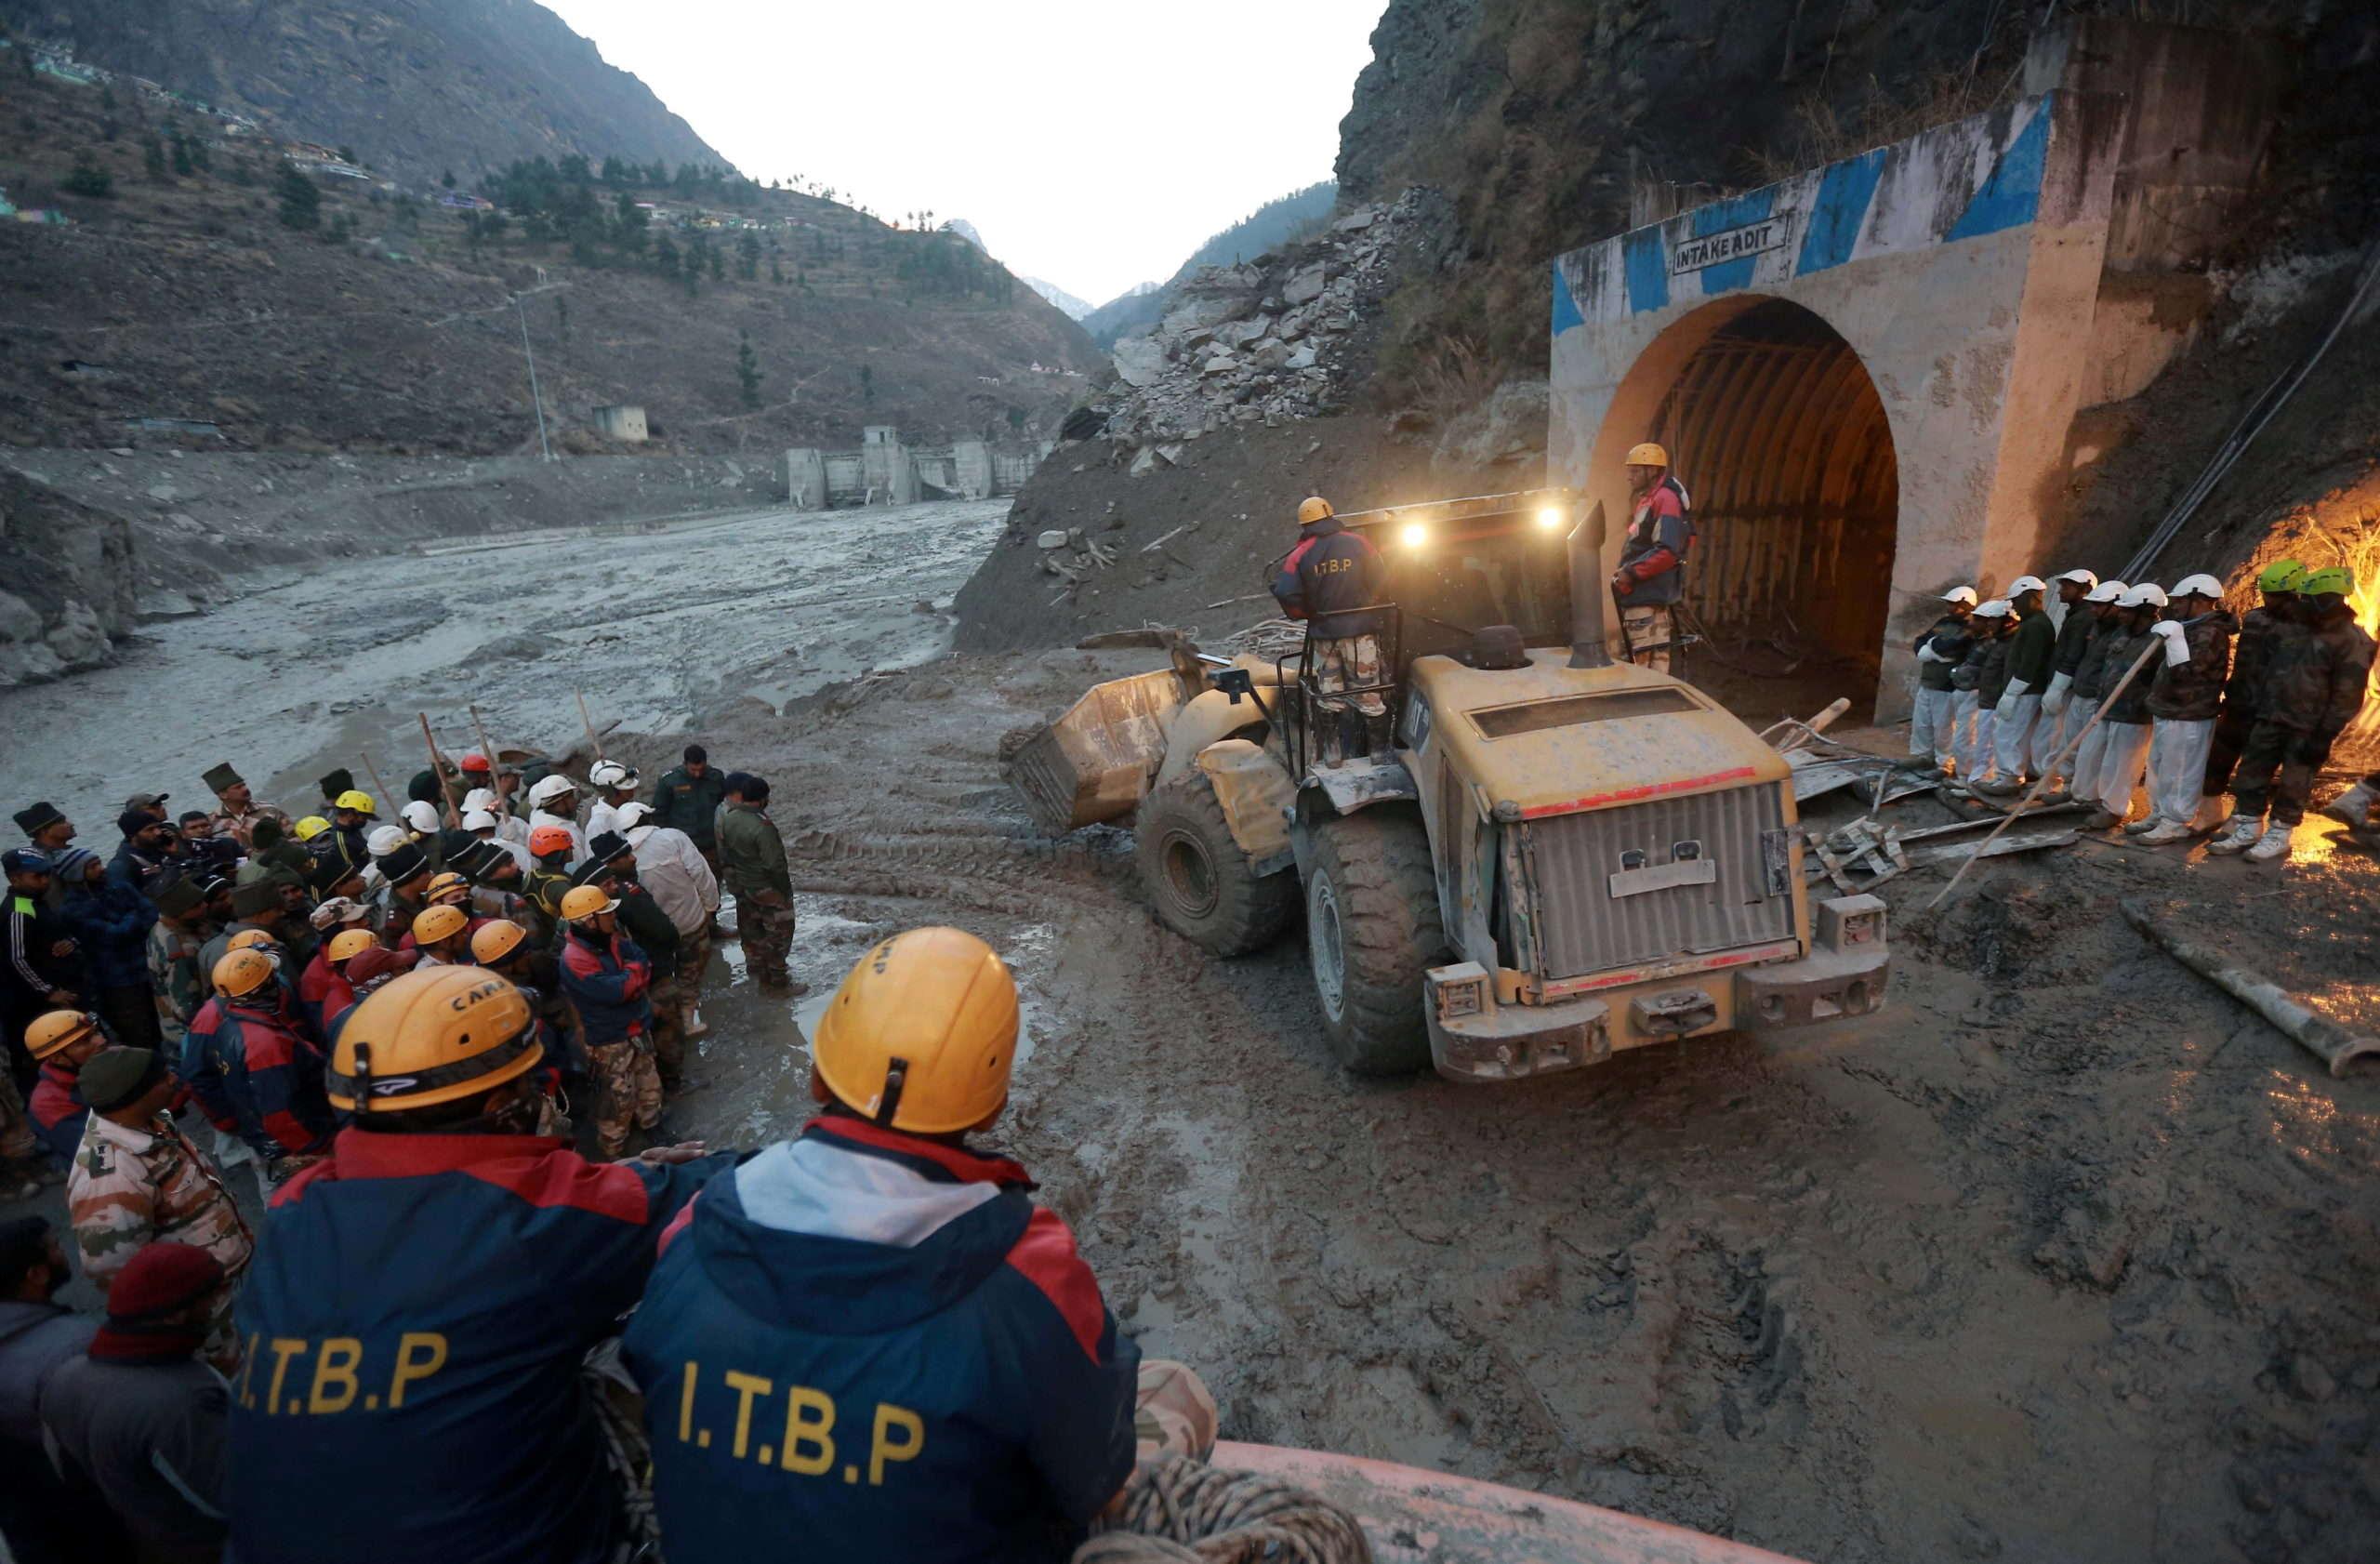 उत्तराखंड | आपदा के लिहाजा से संवदेनशील इलाकों में स्थापित होंगे अलार्म सिस्टम